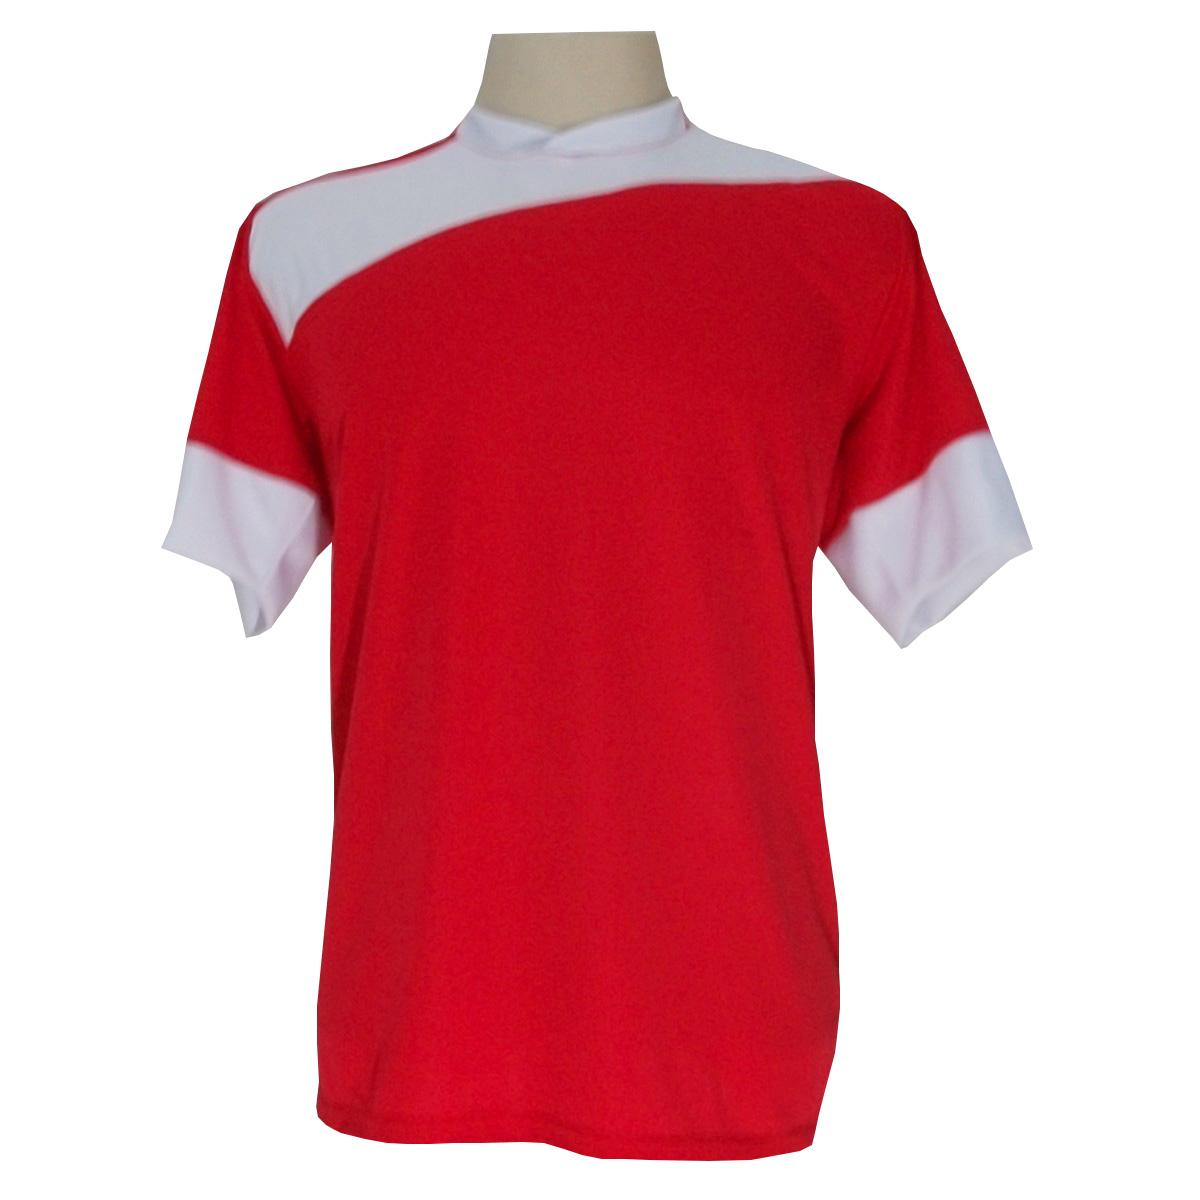 Jogo de Camisa com 14 unidades modelo Sporting Vermelho/Branco + 1 Goleiro + Brindes